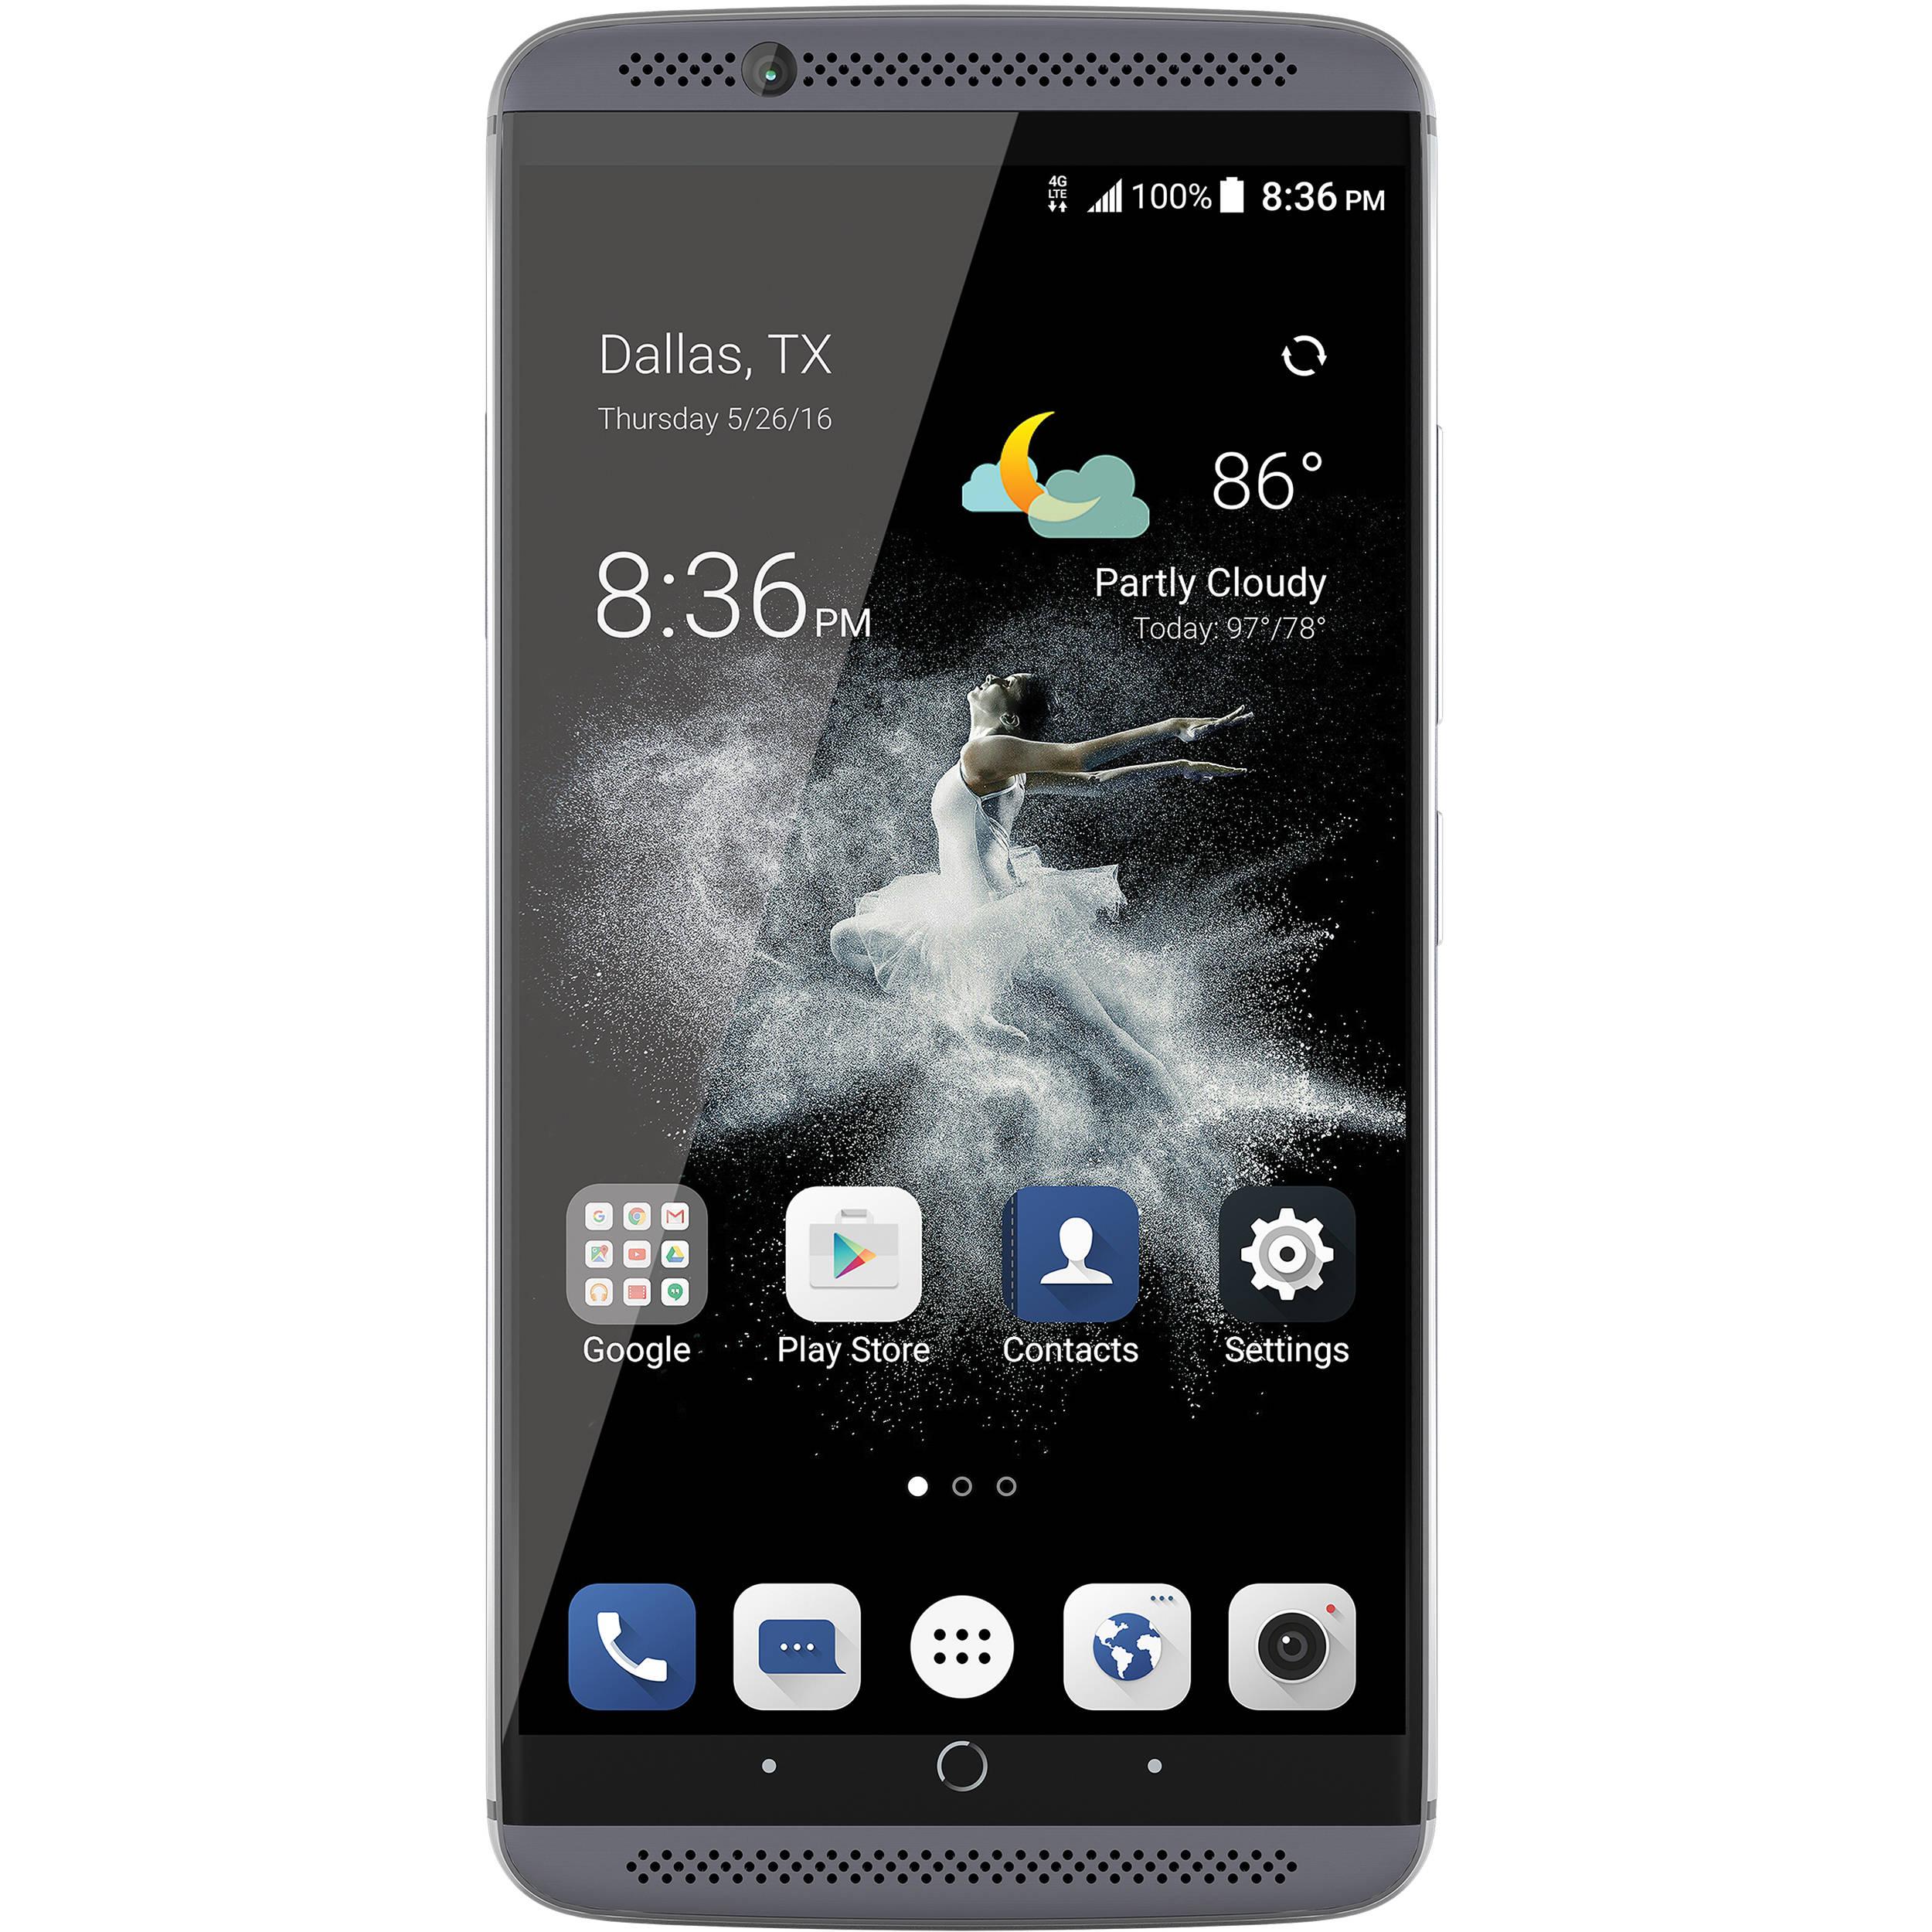 zte_a7g331_axon_7_64gb_smartphone_1257204.jpg